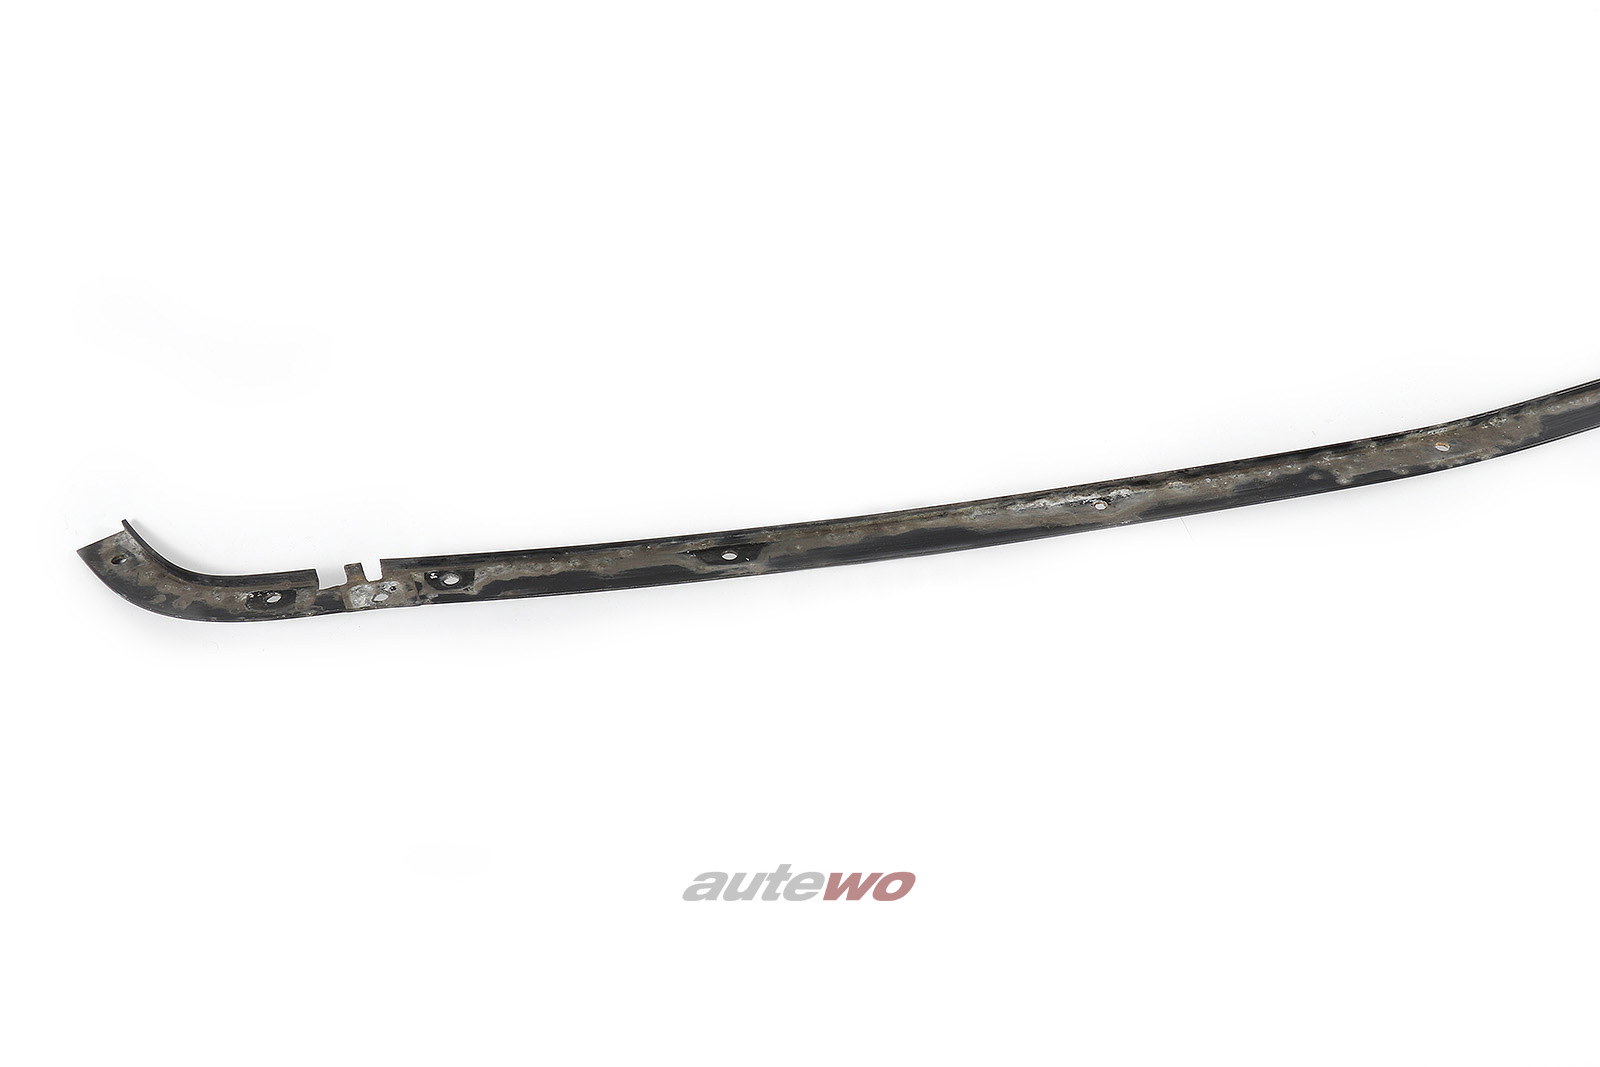 441805585D Audi V8 D11 Träger/Unterlage Zierleiste Vorne